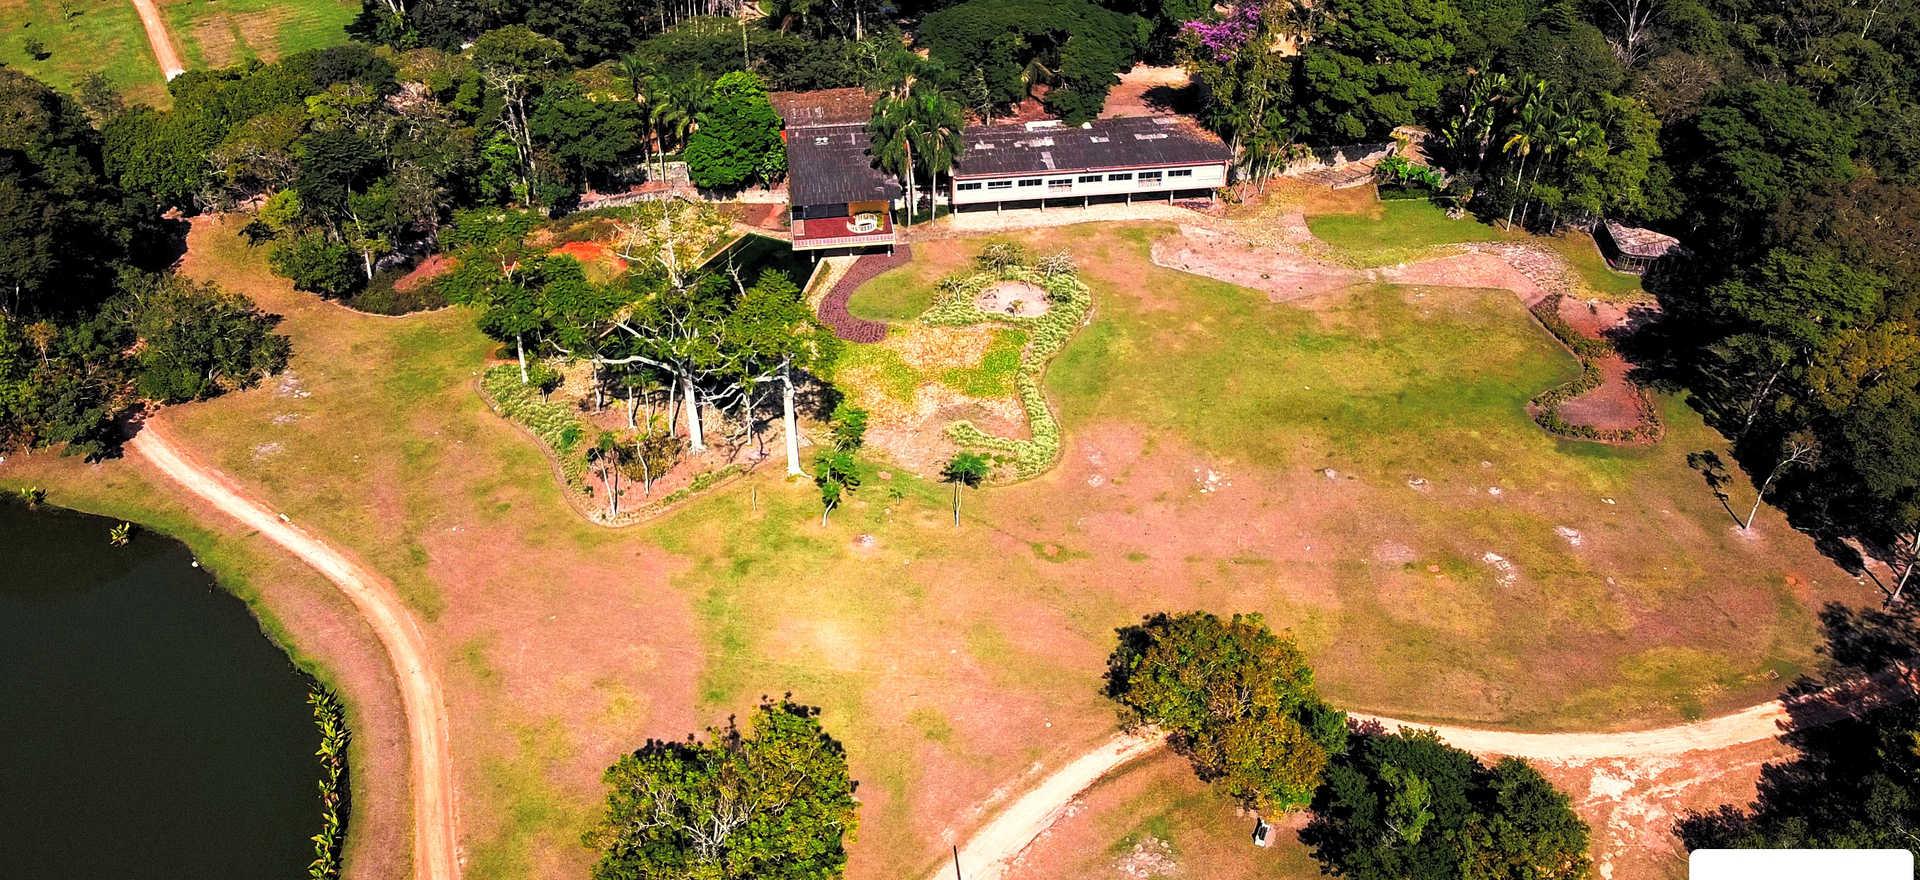 Fotos exclusivas de grandes áreas para imobiliárias e ou turismo.